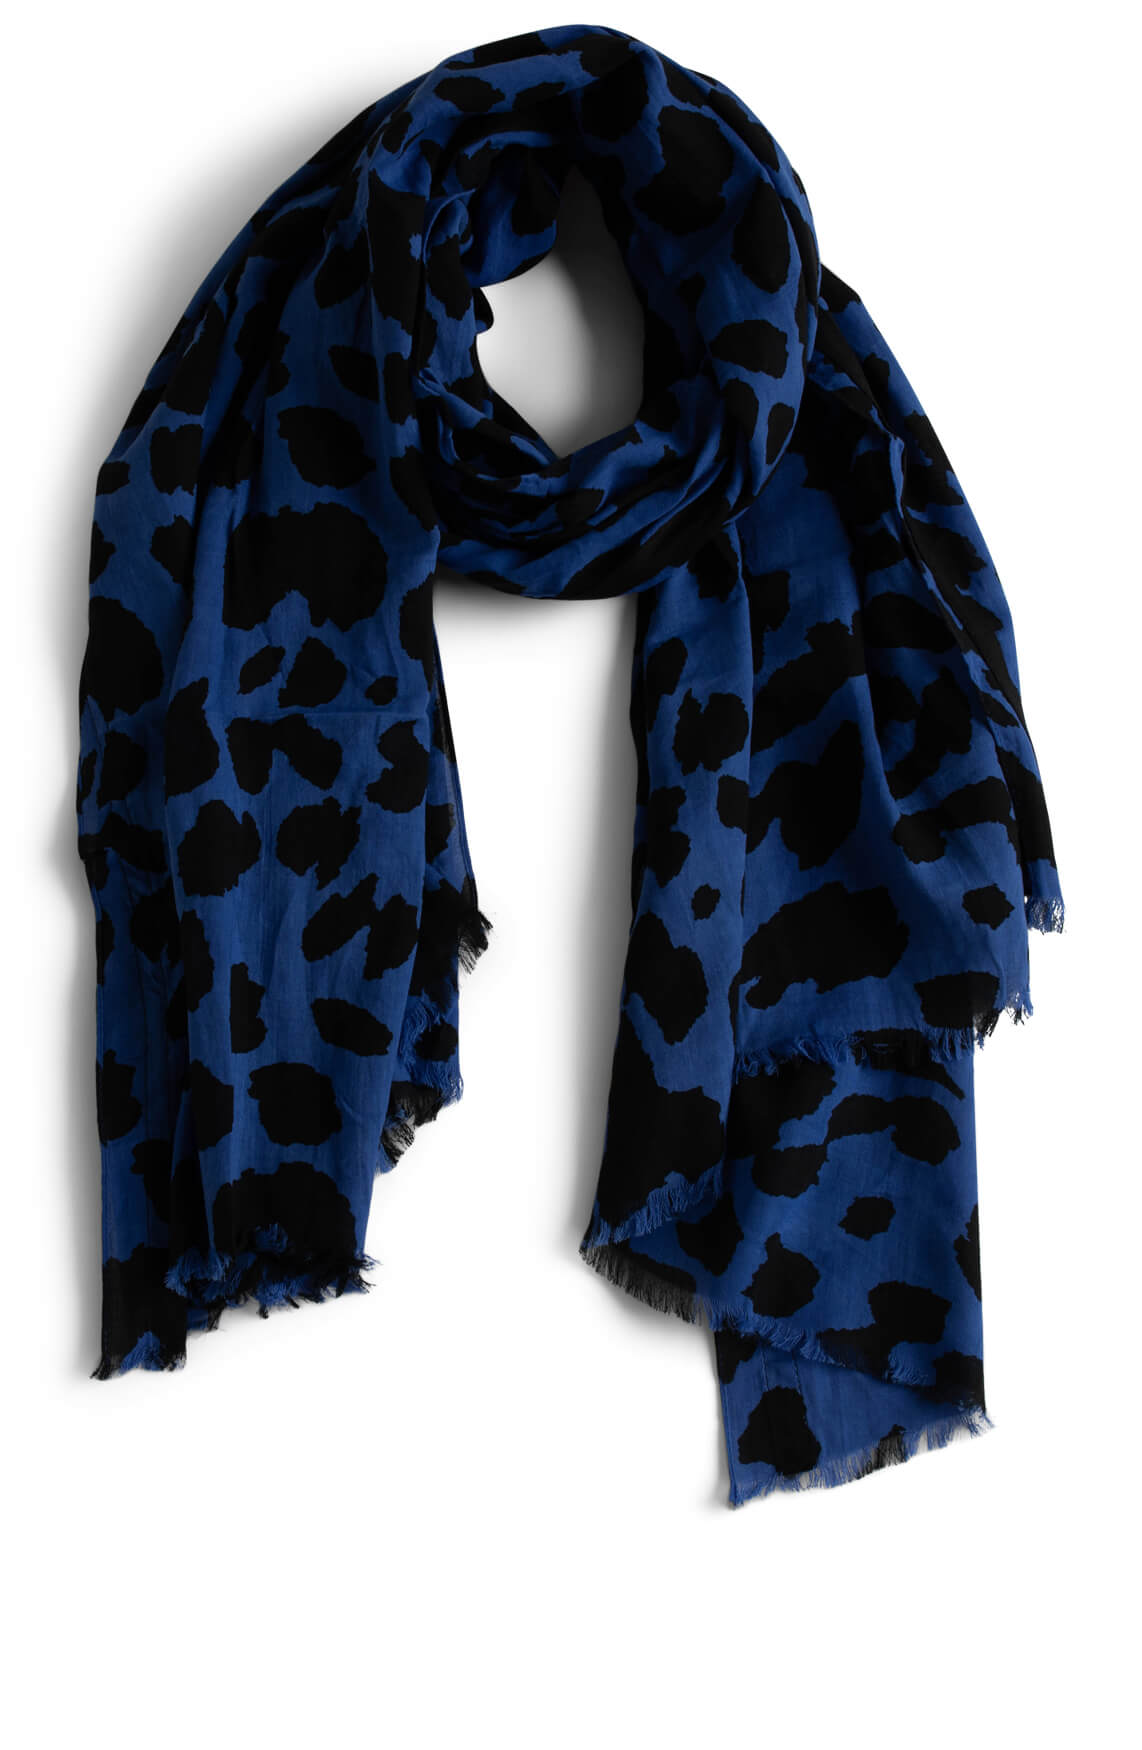 Anna Blue Dames Shawl met gevlekte print Blauw